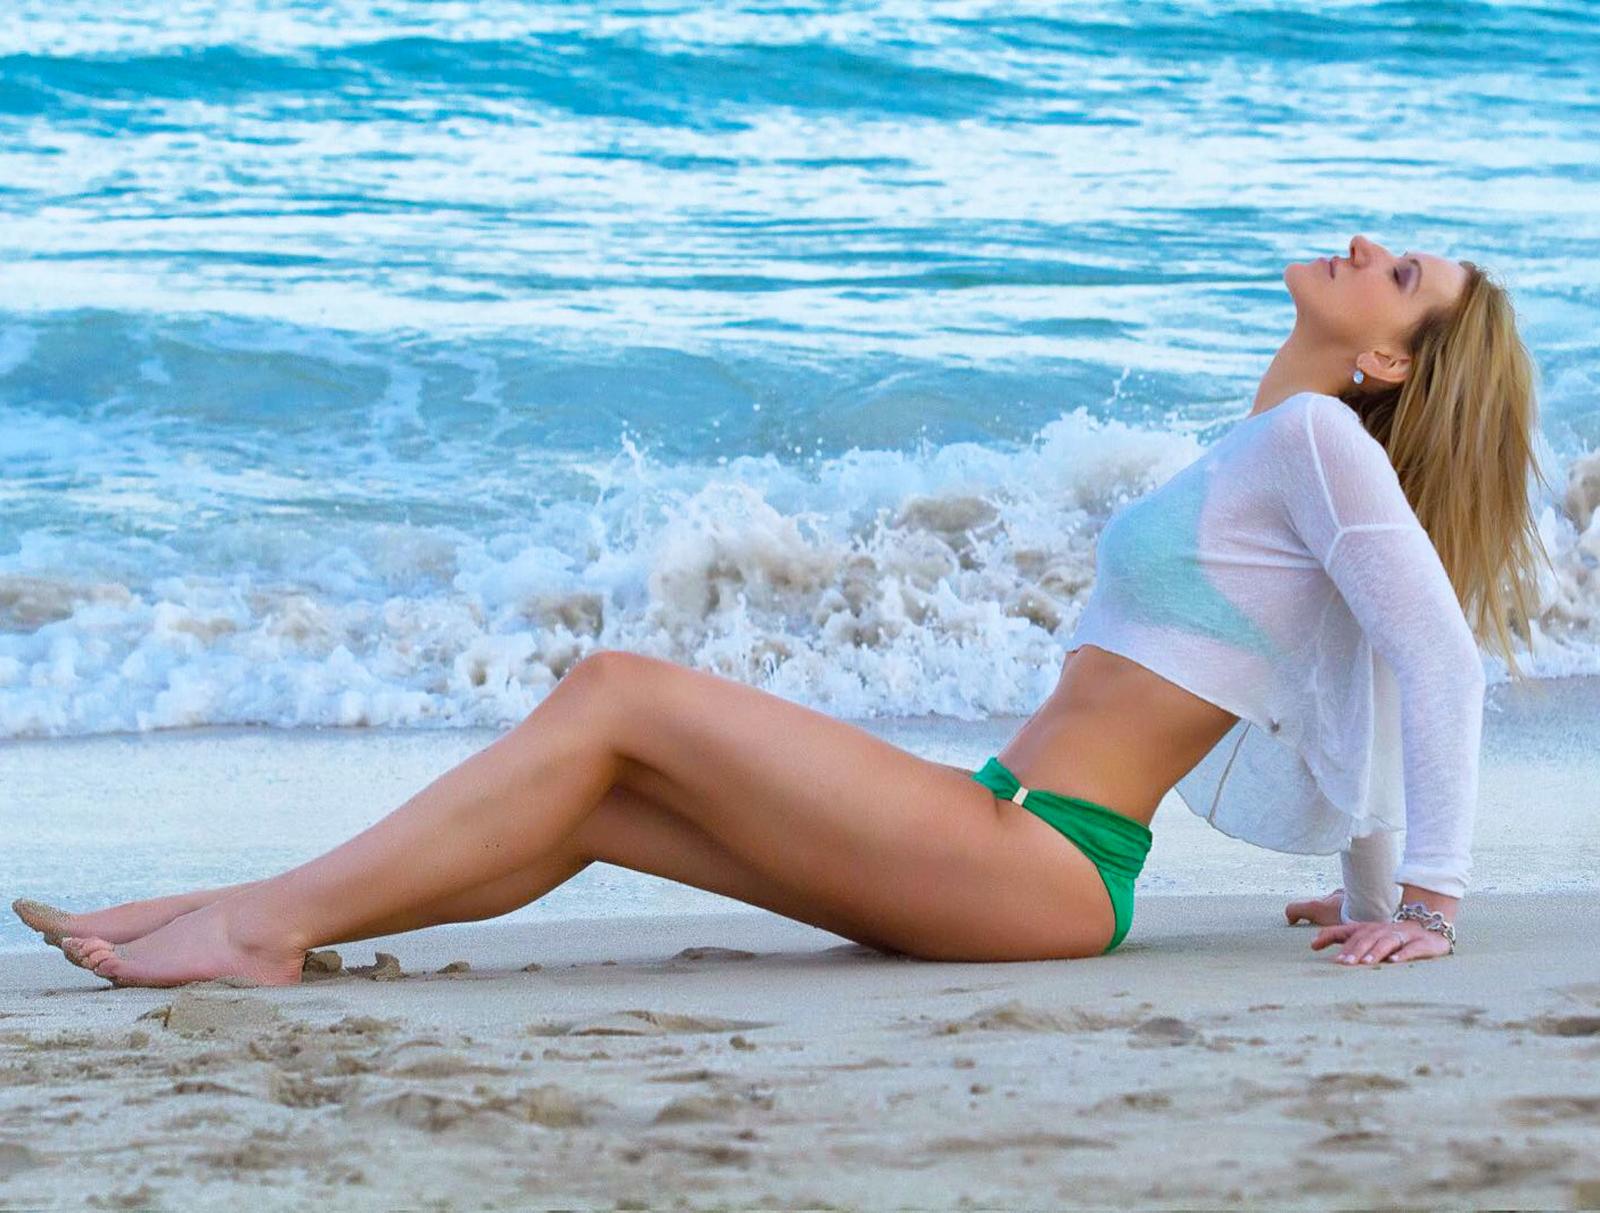 Bozena Zag model interview beach green bikini